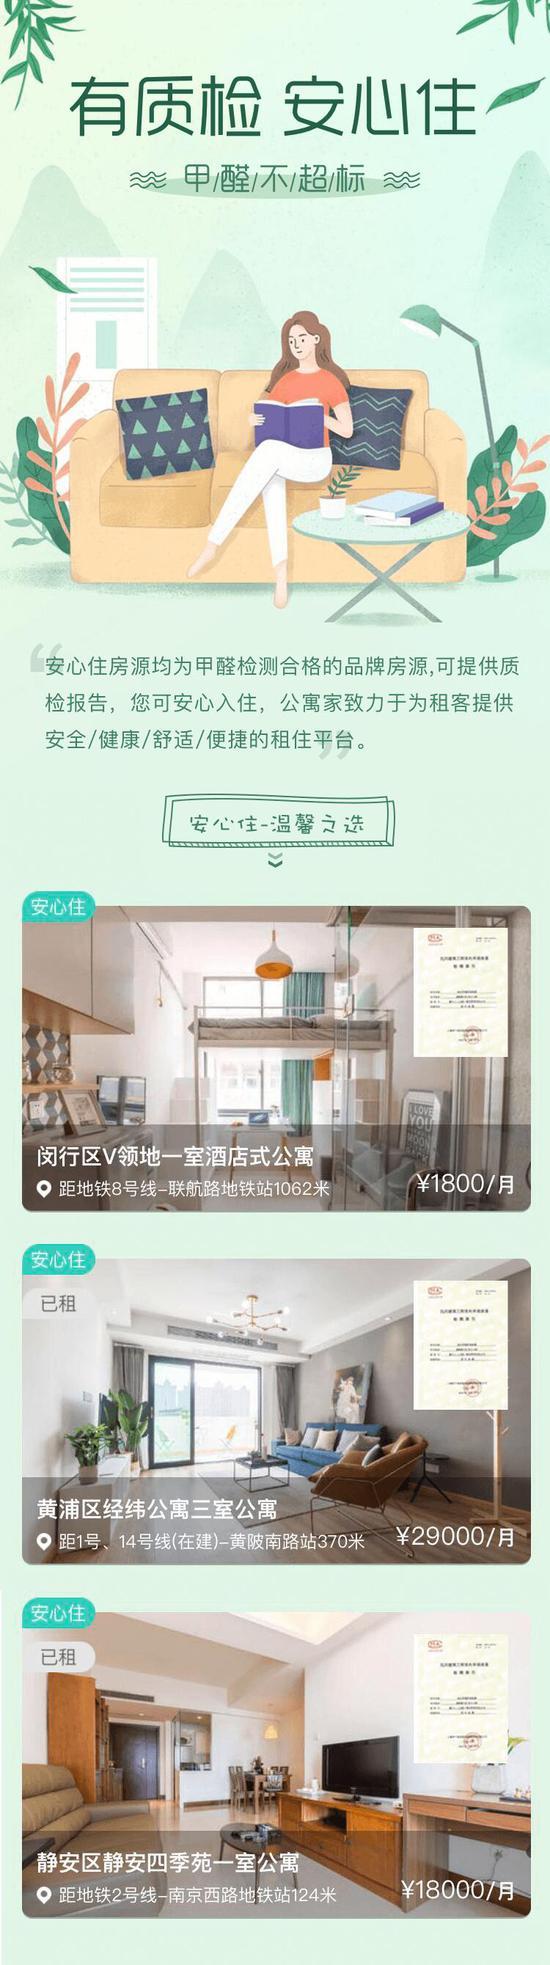 """公寓家推出""""安心住"""",让用户住得放心"""